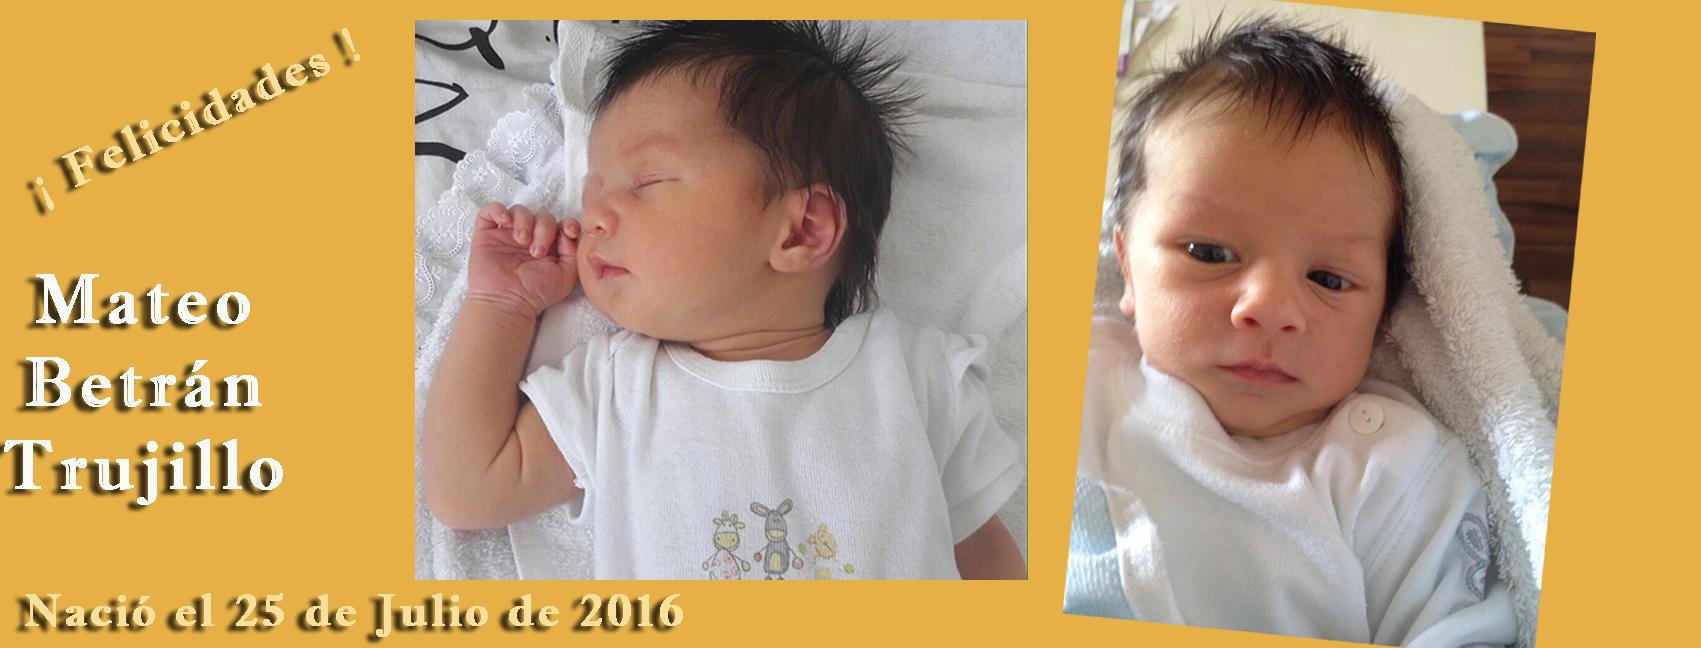 Nacimiento de Mateo Betrán Trujillo, el 27-07-2016 (Mecerreyes)